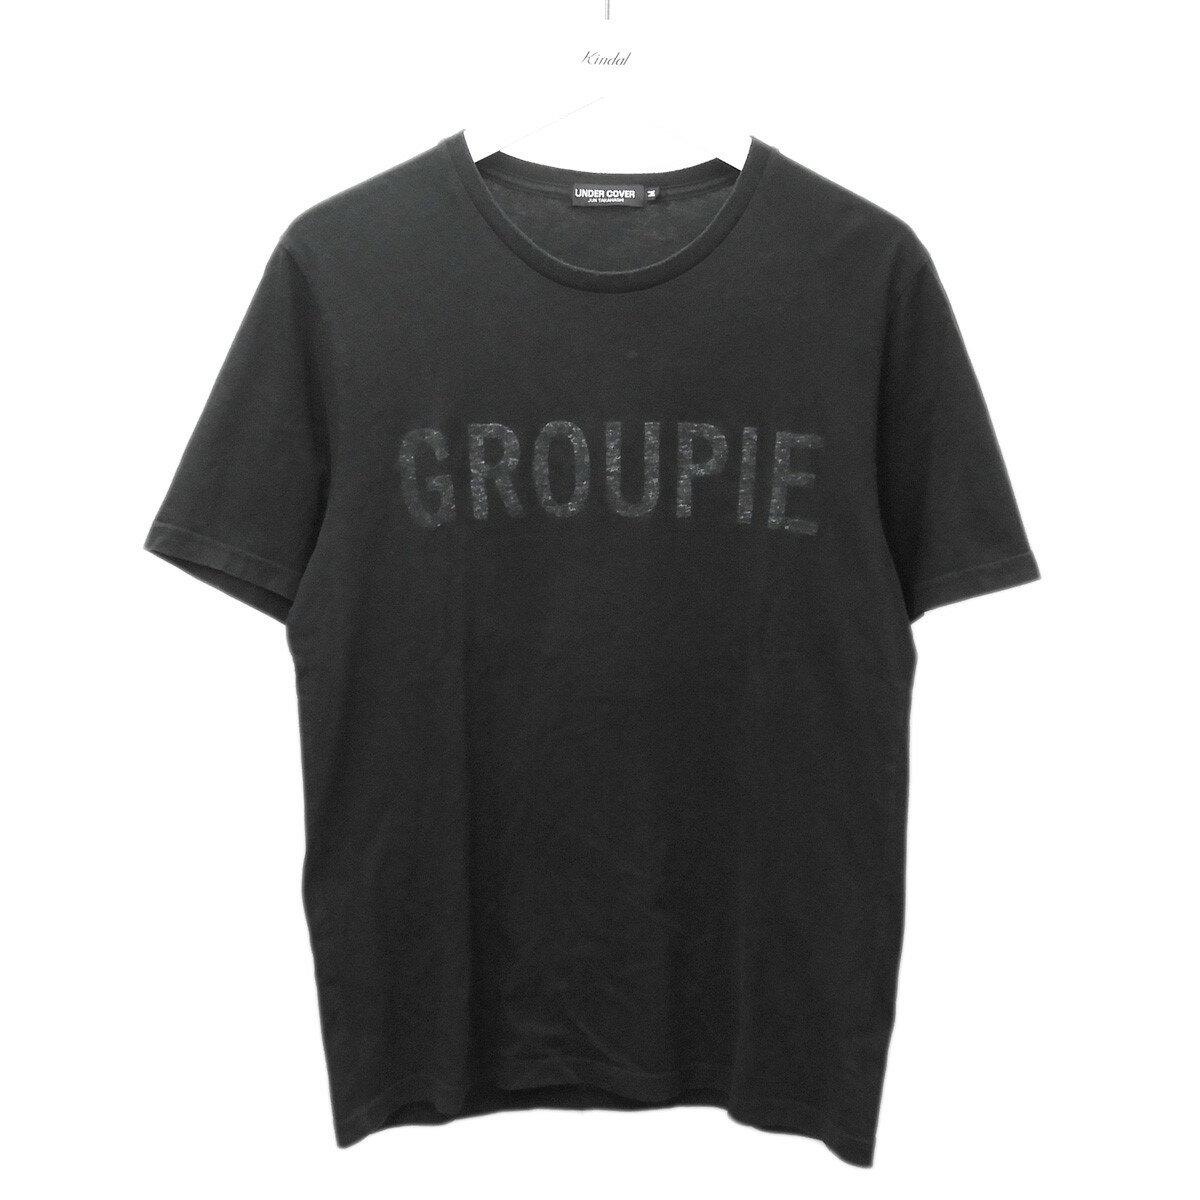 トップス, Tシャツ・カットソー UNDER COVER groupie T-shirtT 120820